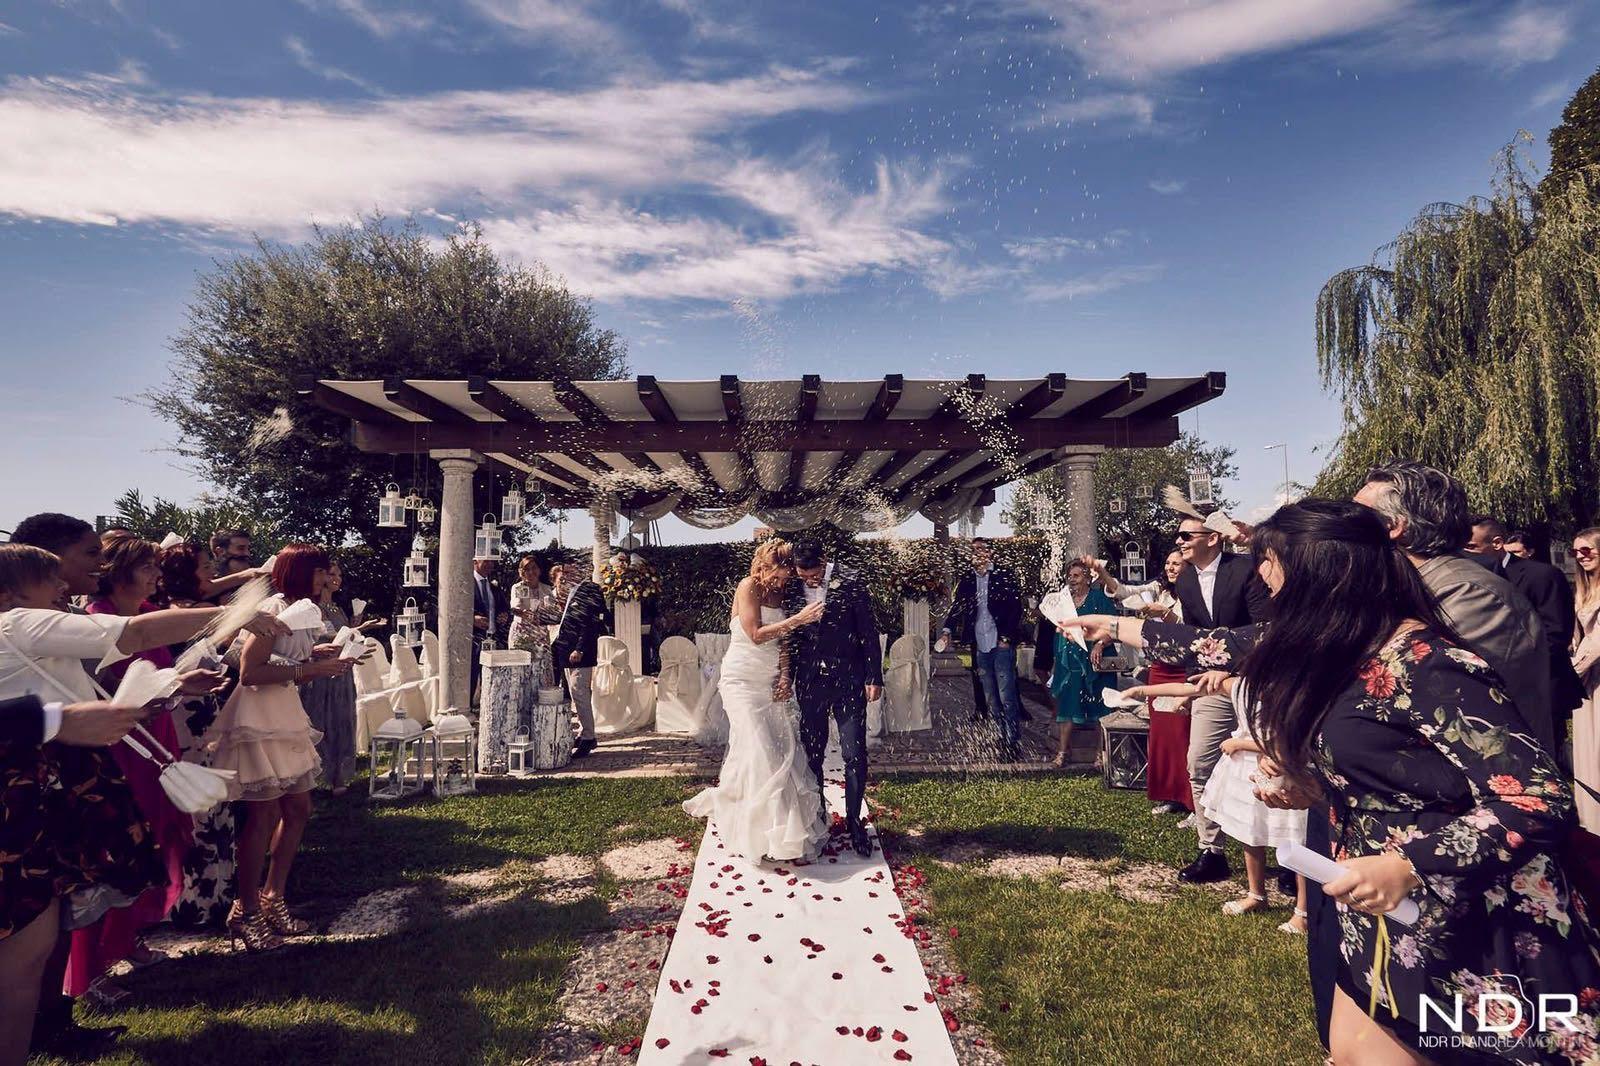 Matrimonio Simbolico Rito Della Luce : Matrimonio con rito simbolico alla baracca storica hostaria